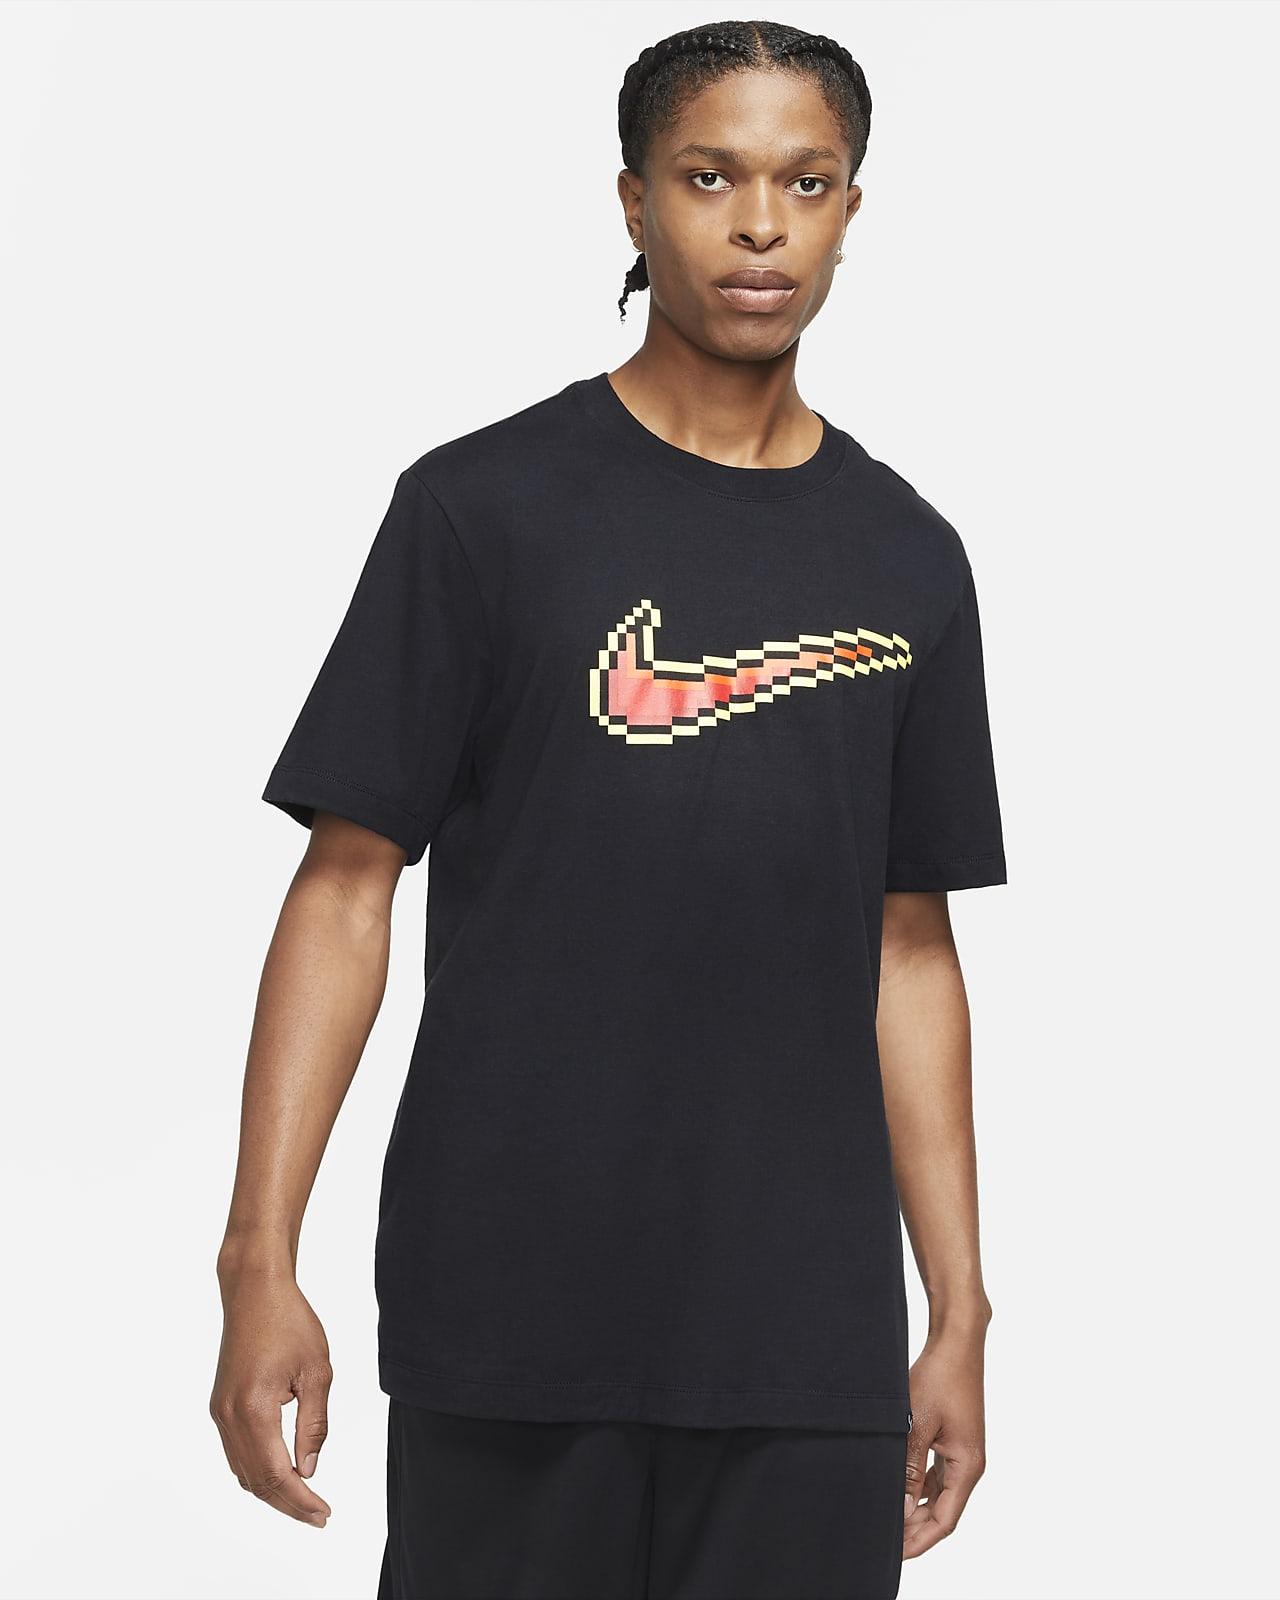 Playera de básquetbol de manga corta para hombre Nike Swoosh